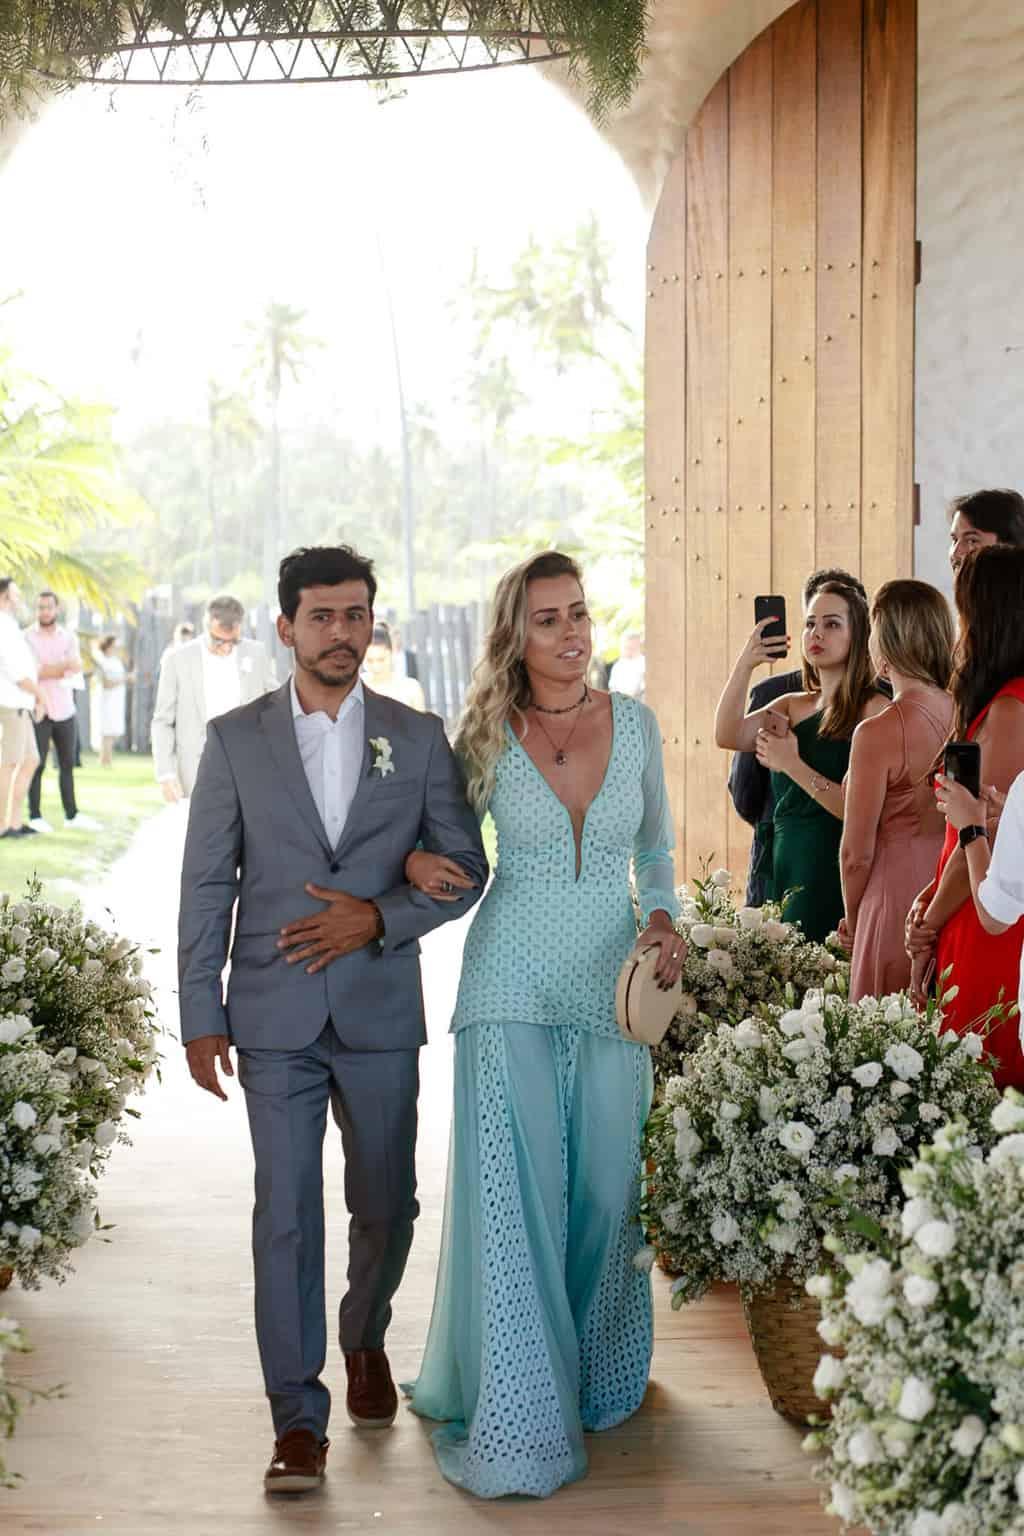 AL-Aline-e-Mauricio-capela-dos-milagres-casamento-casamento-na-praia-cortejo-madrinhas-padrinhos44